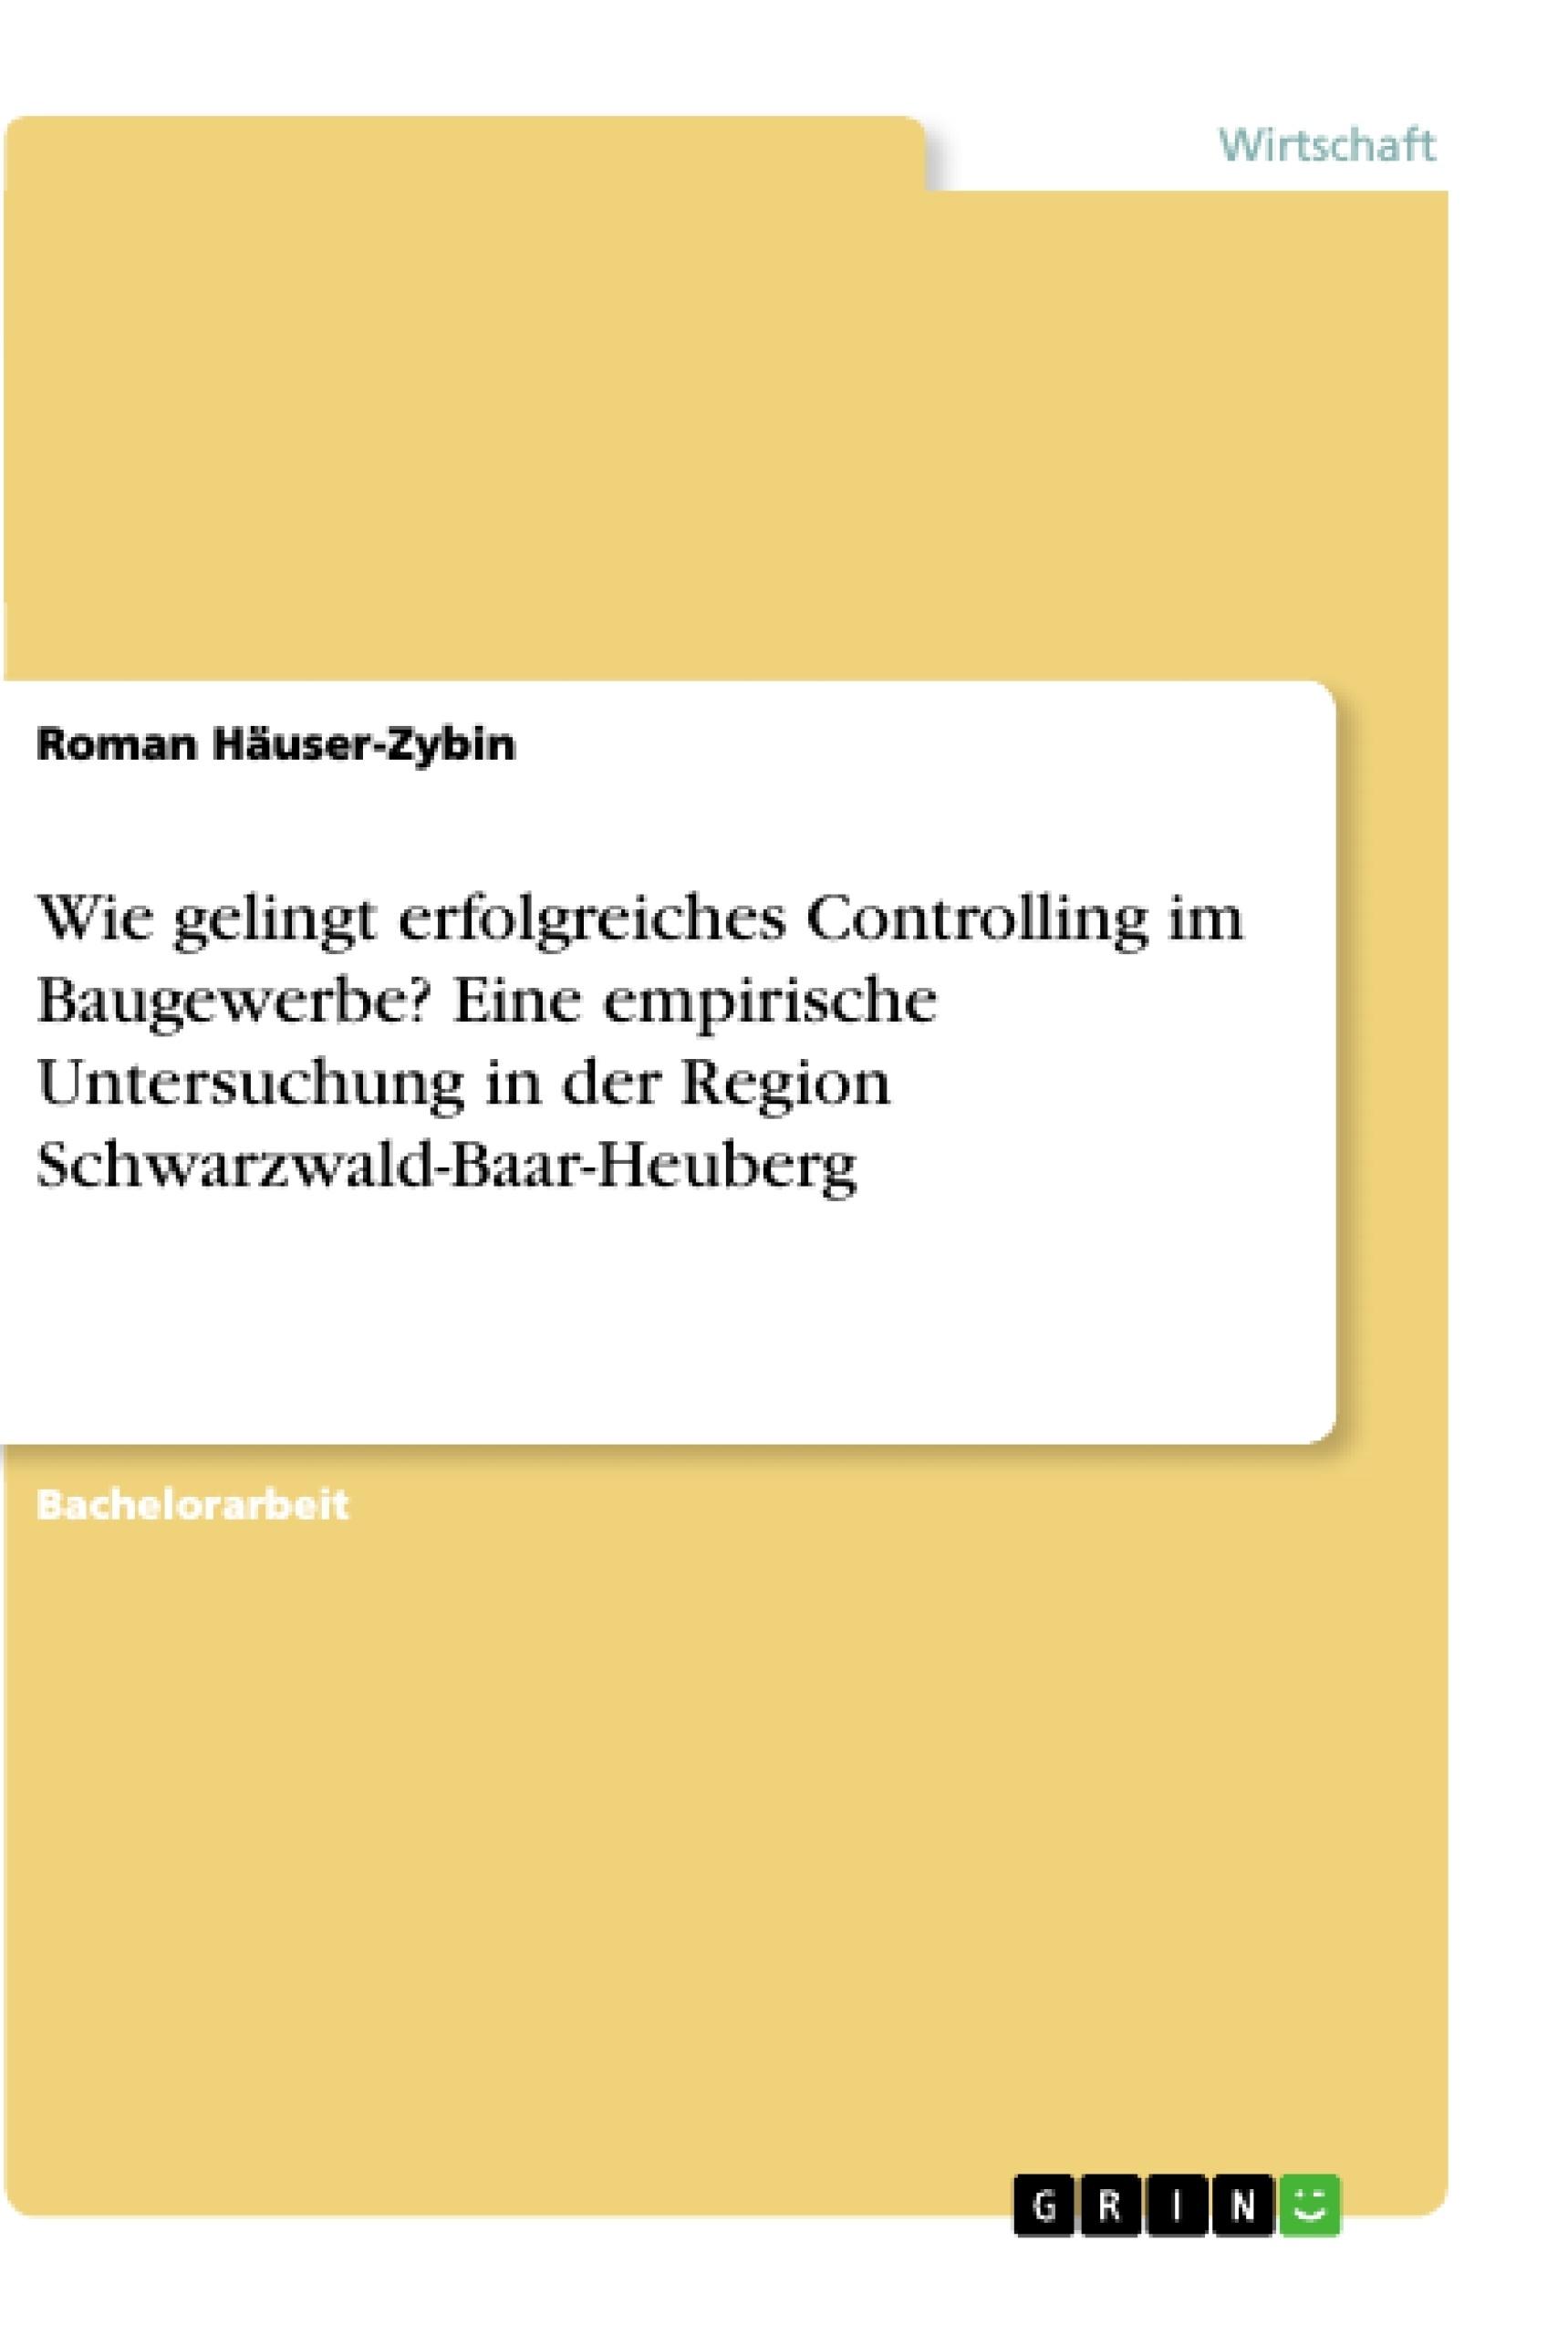 Titel: Wie gelingt erfolgreiches Controlling im Baugewerbe? Eine empirische Untersuchung in der Region Schwarzwald-Baar-Heuberg